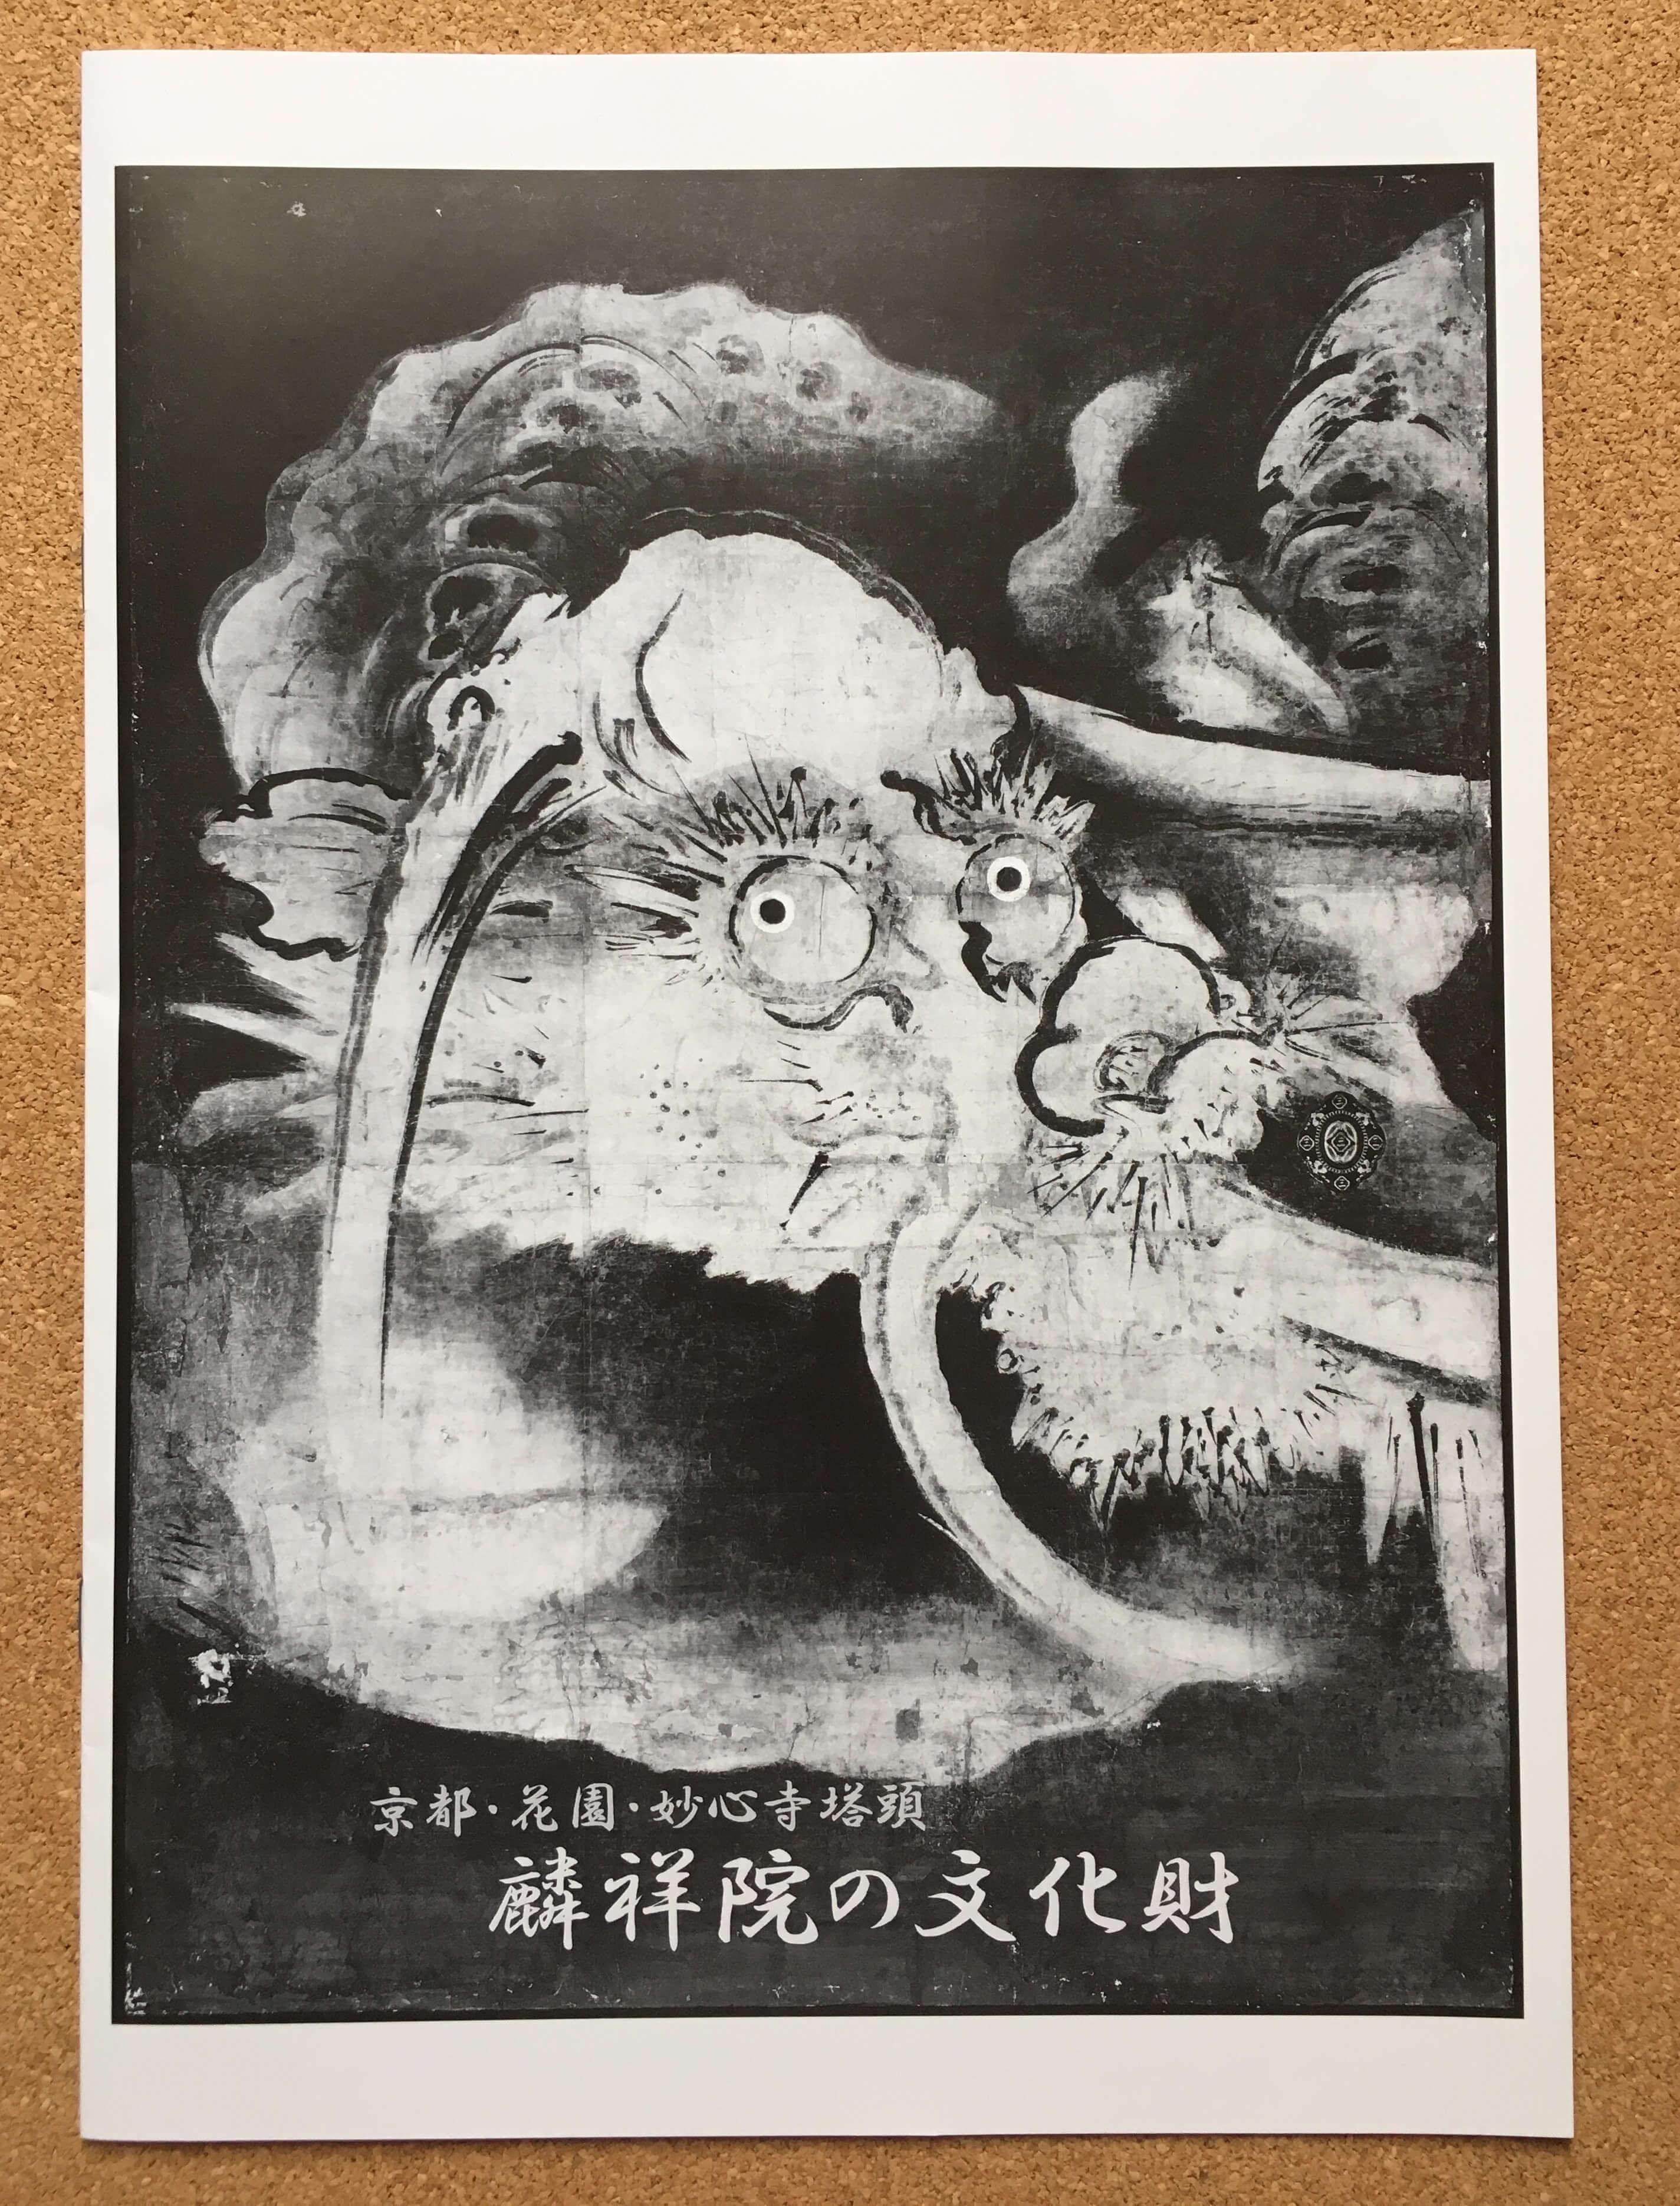 府中市美術館でいただいた小冊子『麟祥院の文化財』